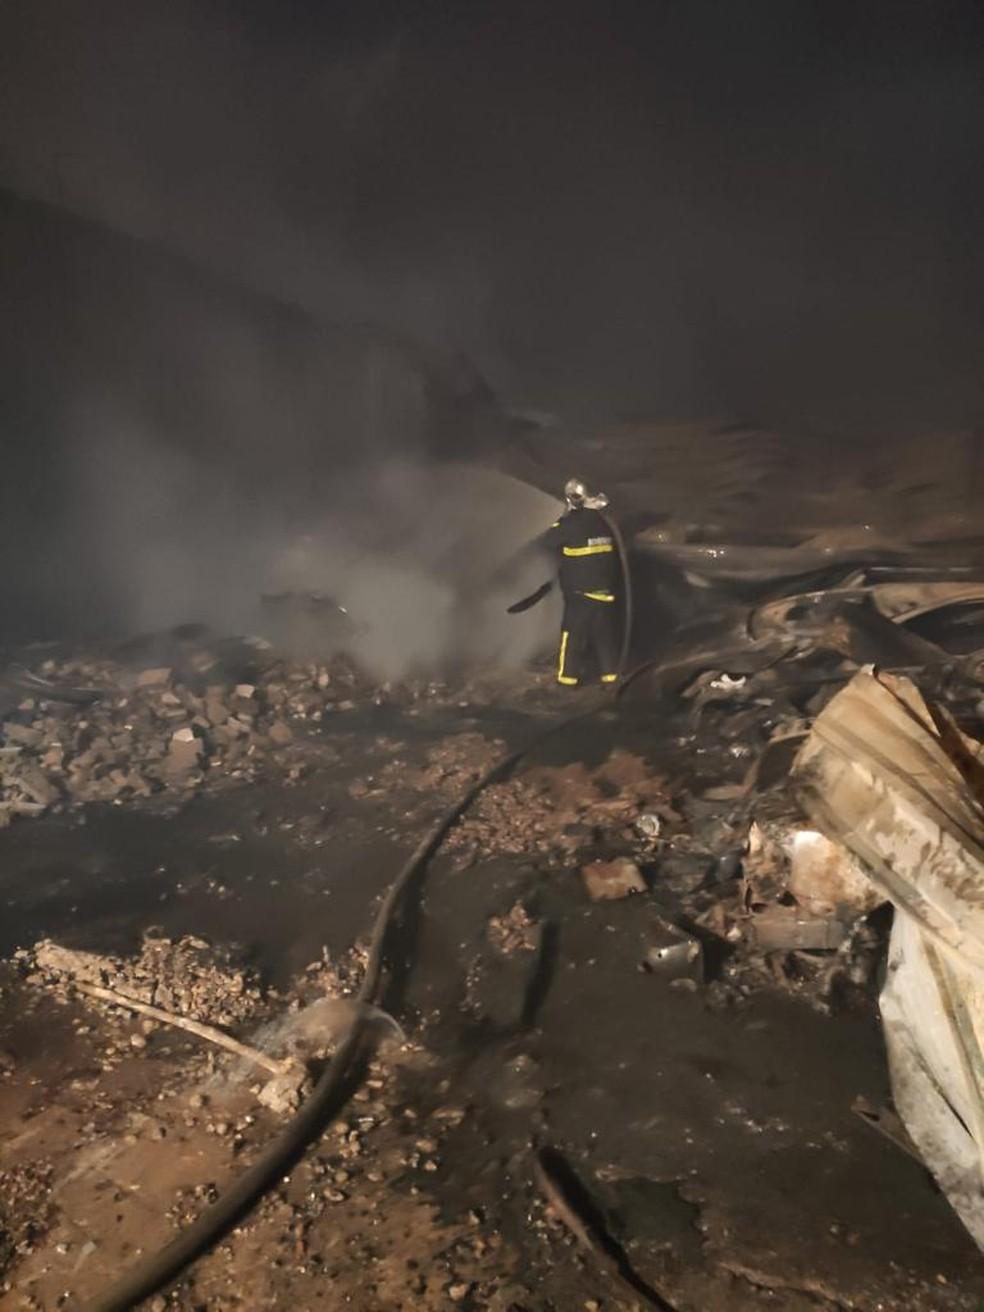 Bombeiro trabalha para apagar incêndio em oficina e casa em Cuiabá — Foto: Corpo de Bombeiros de Mato Grosso/Assessoria